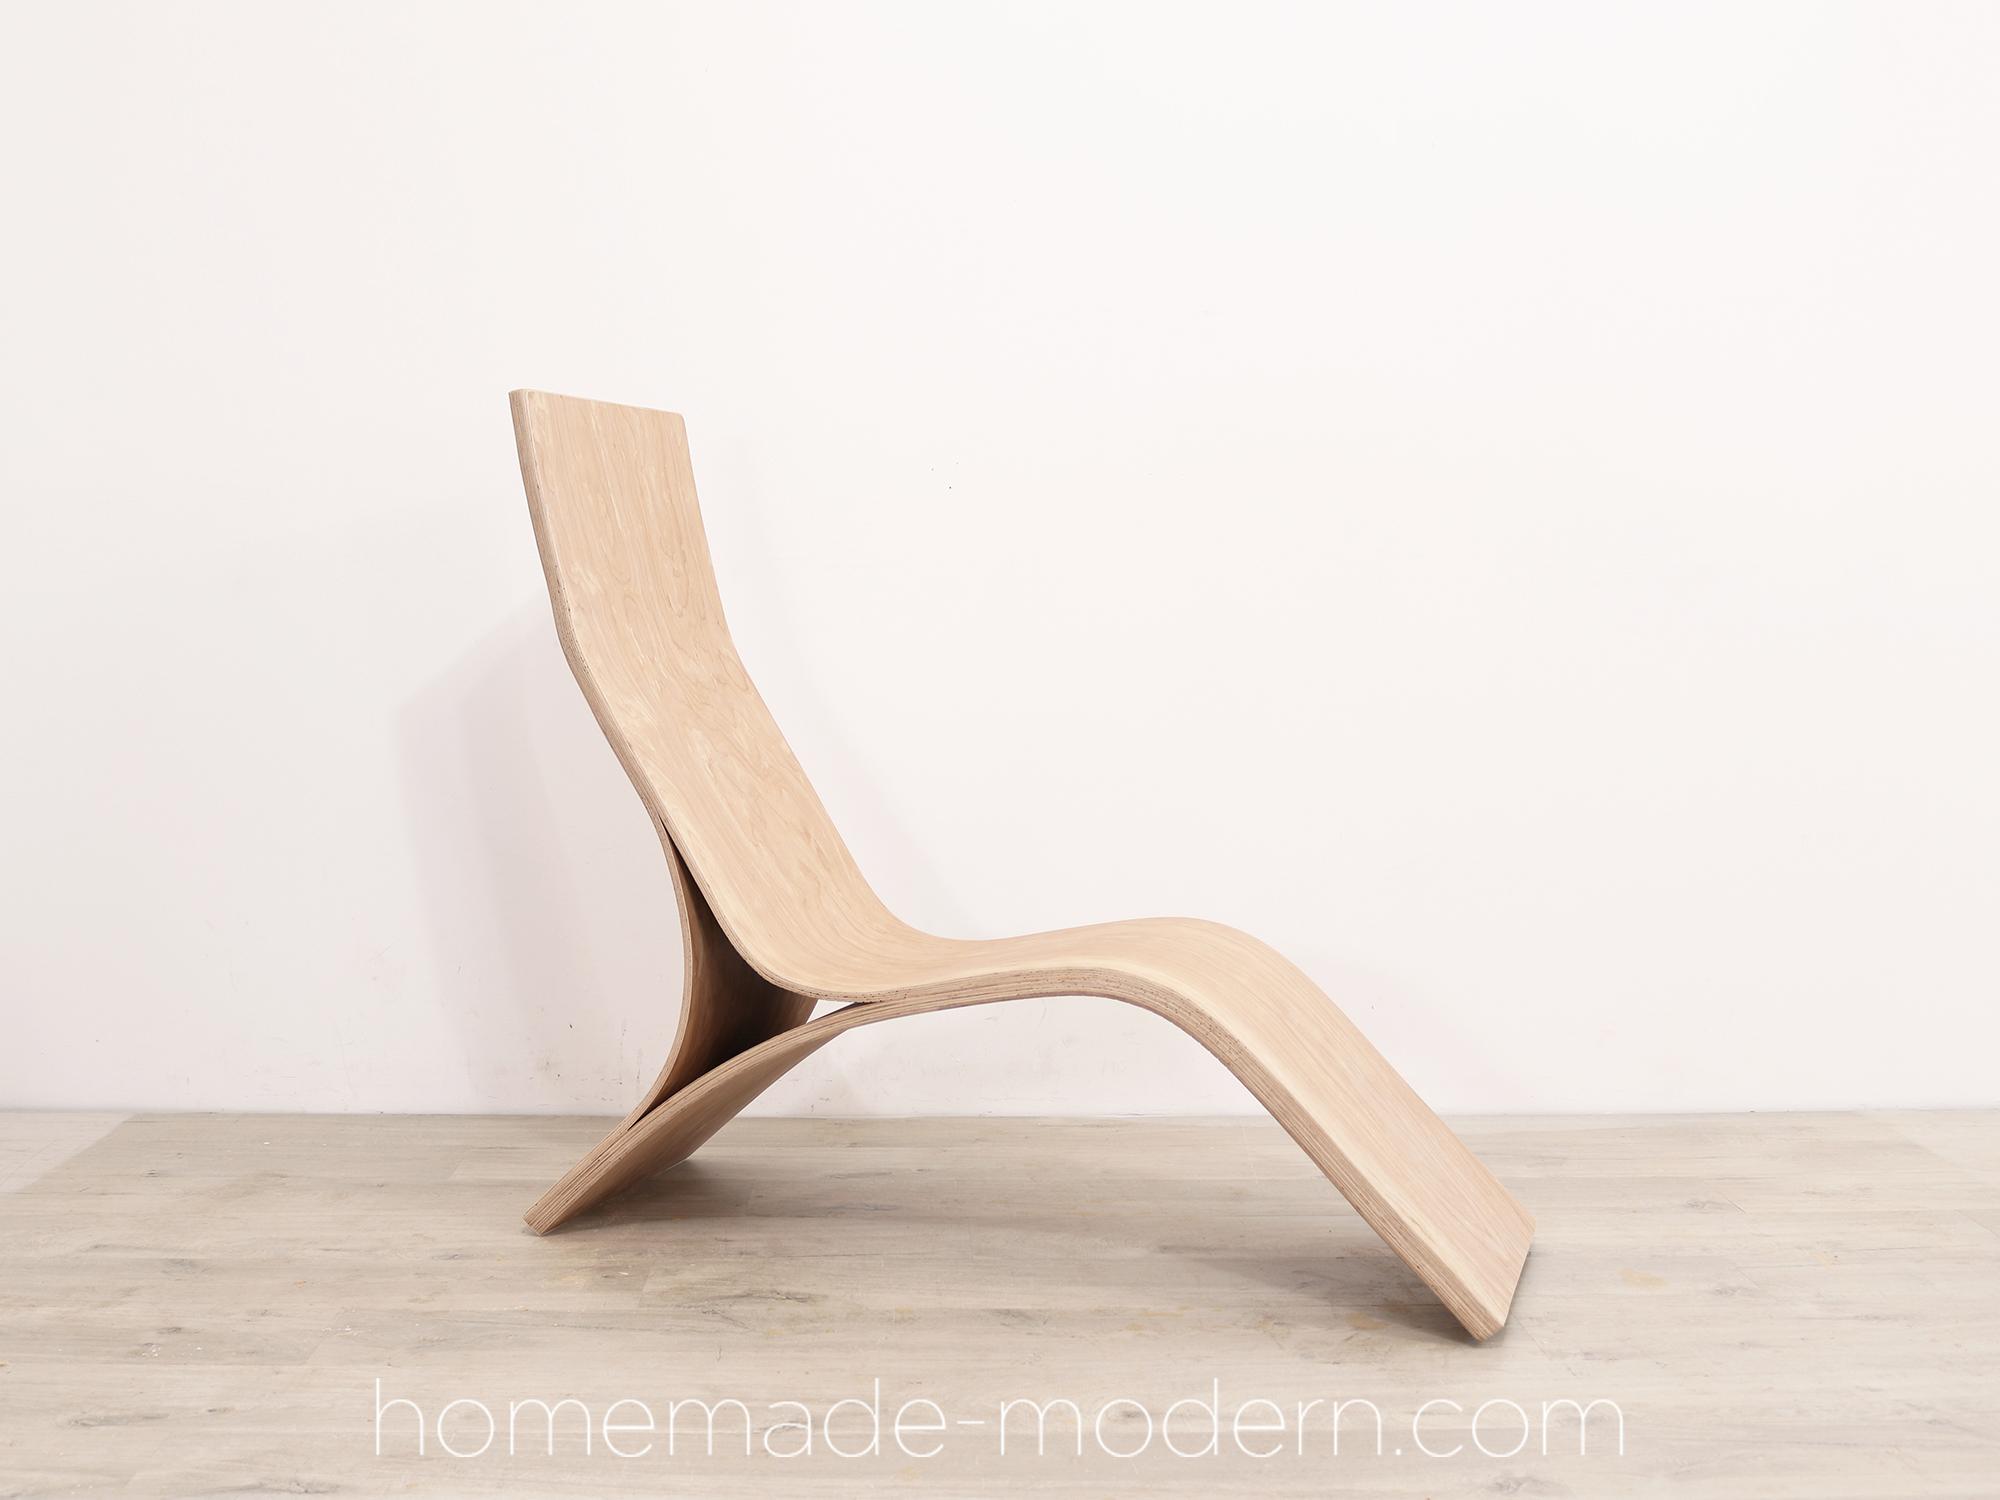 http://www.homemade-modern.com/wp-content/uploads/2019/12/DIY-BPLC-final001.png